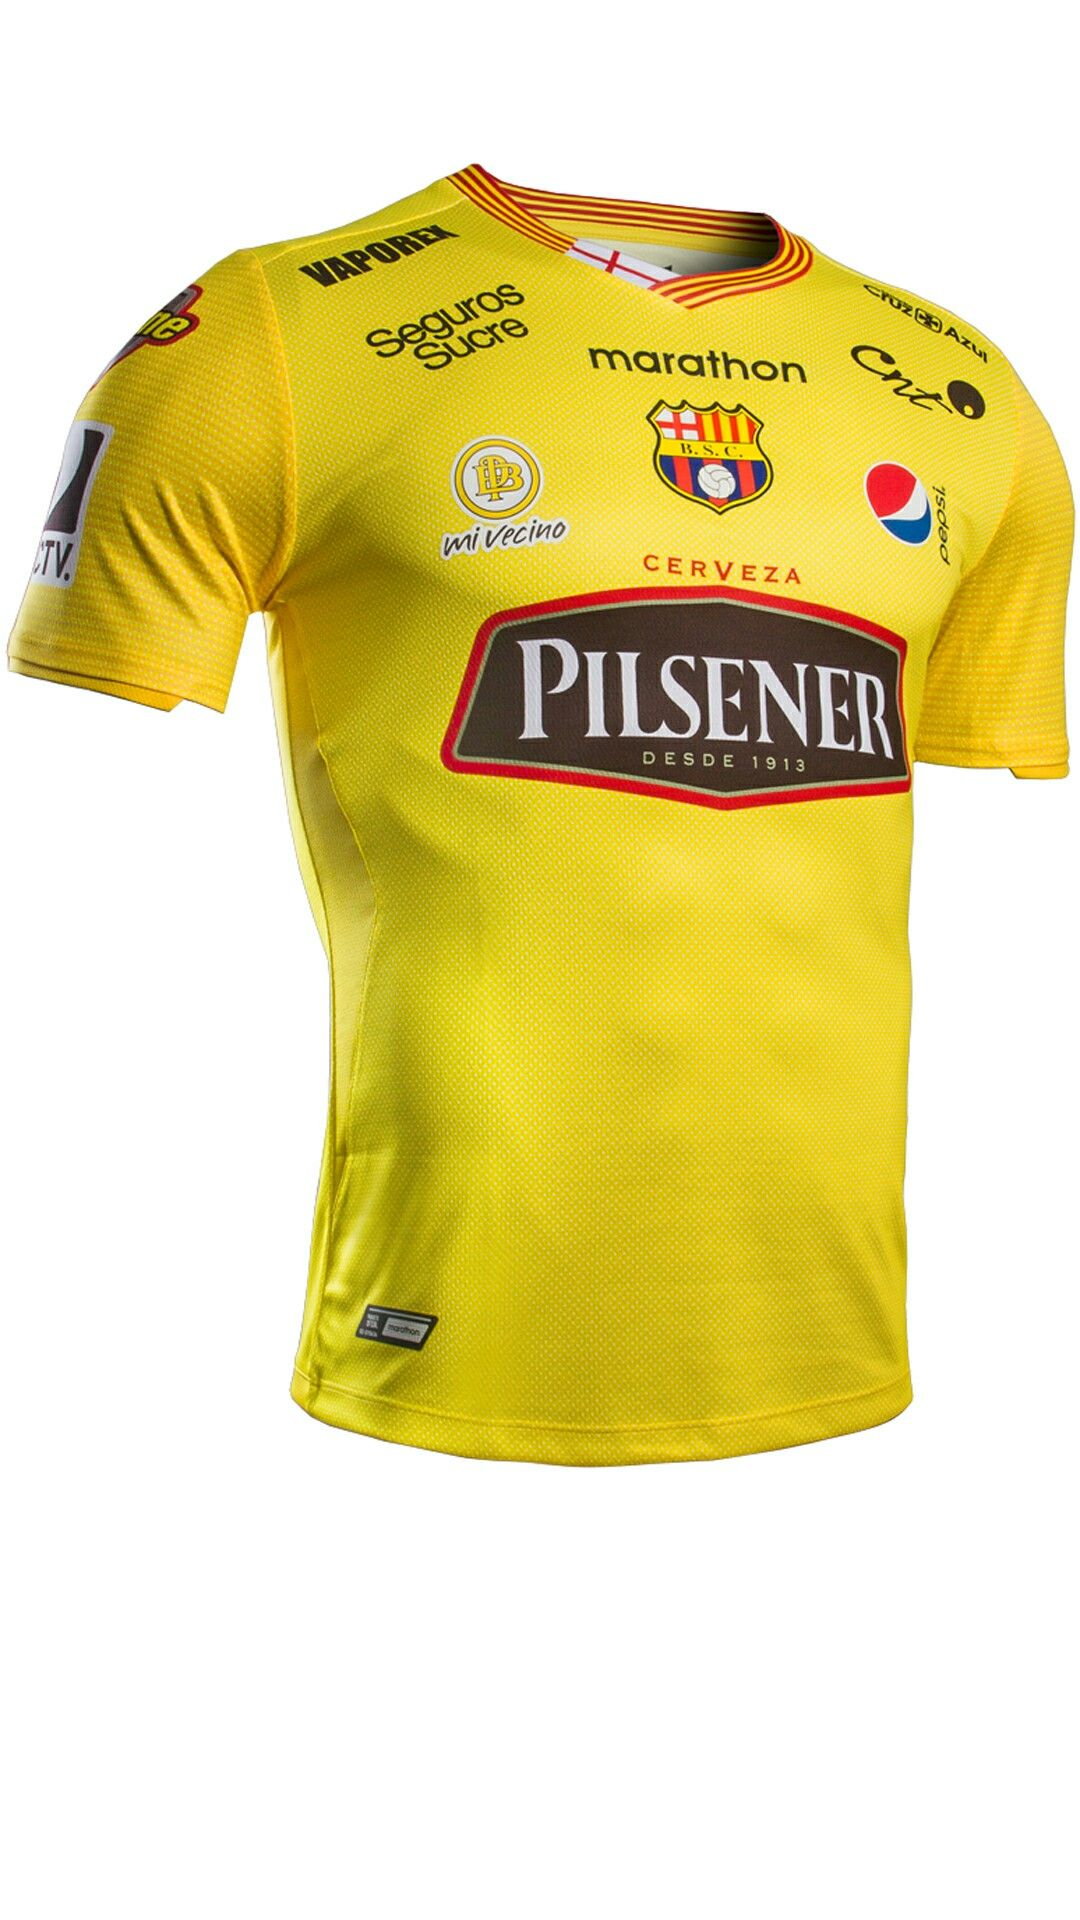 Camiseta Oficial 2018 de Barcelona Sporting Club x